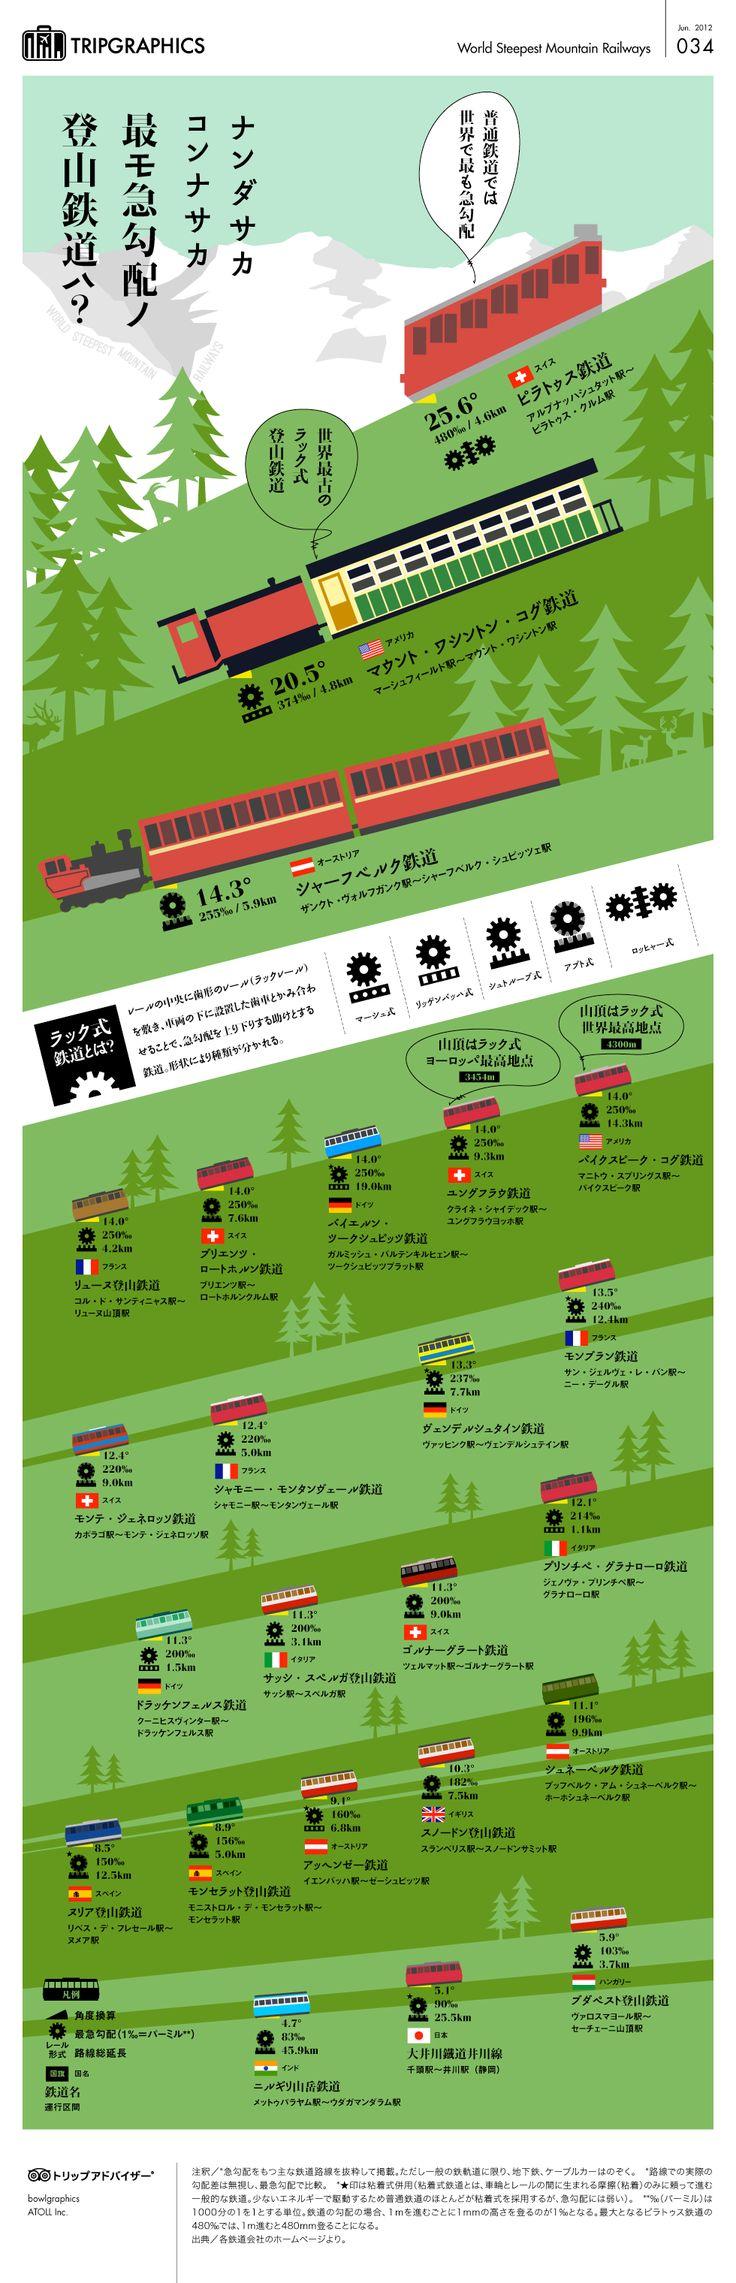 世界の登山鉄道勾配比較 トリップアドバイザーのインフォグラフィックスで世界の旅が見える